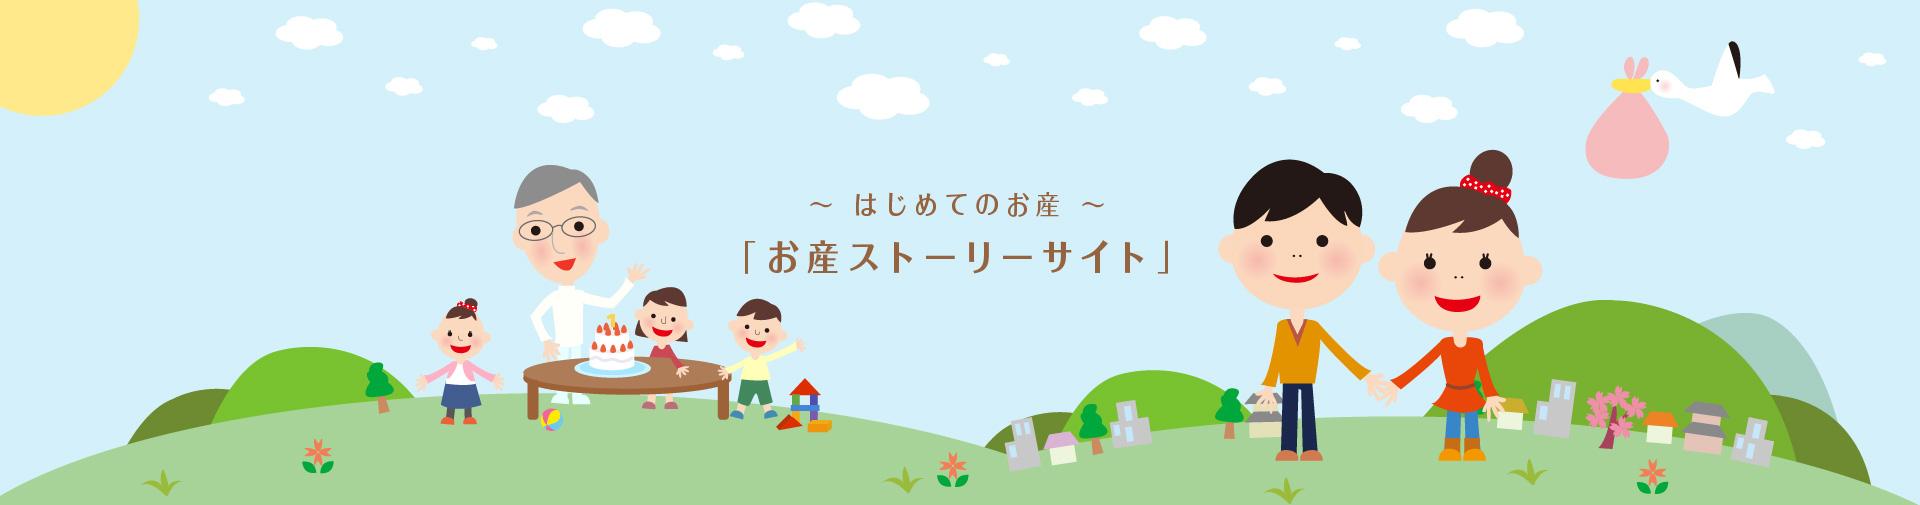 はじめてのお産〜お産ストーリーサイト